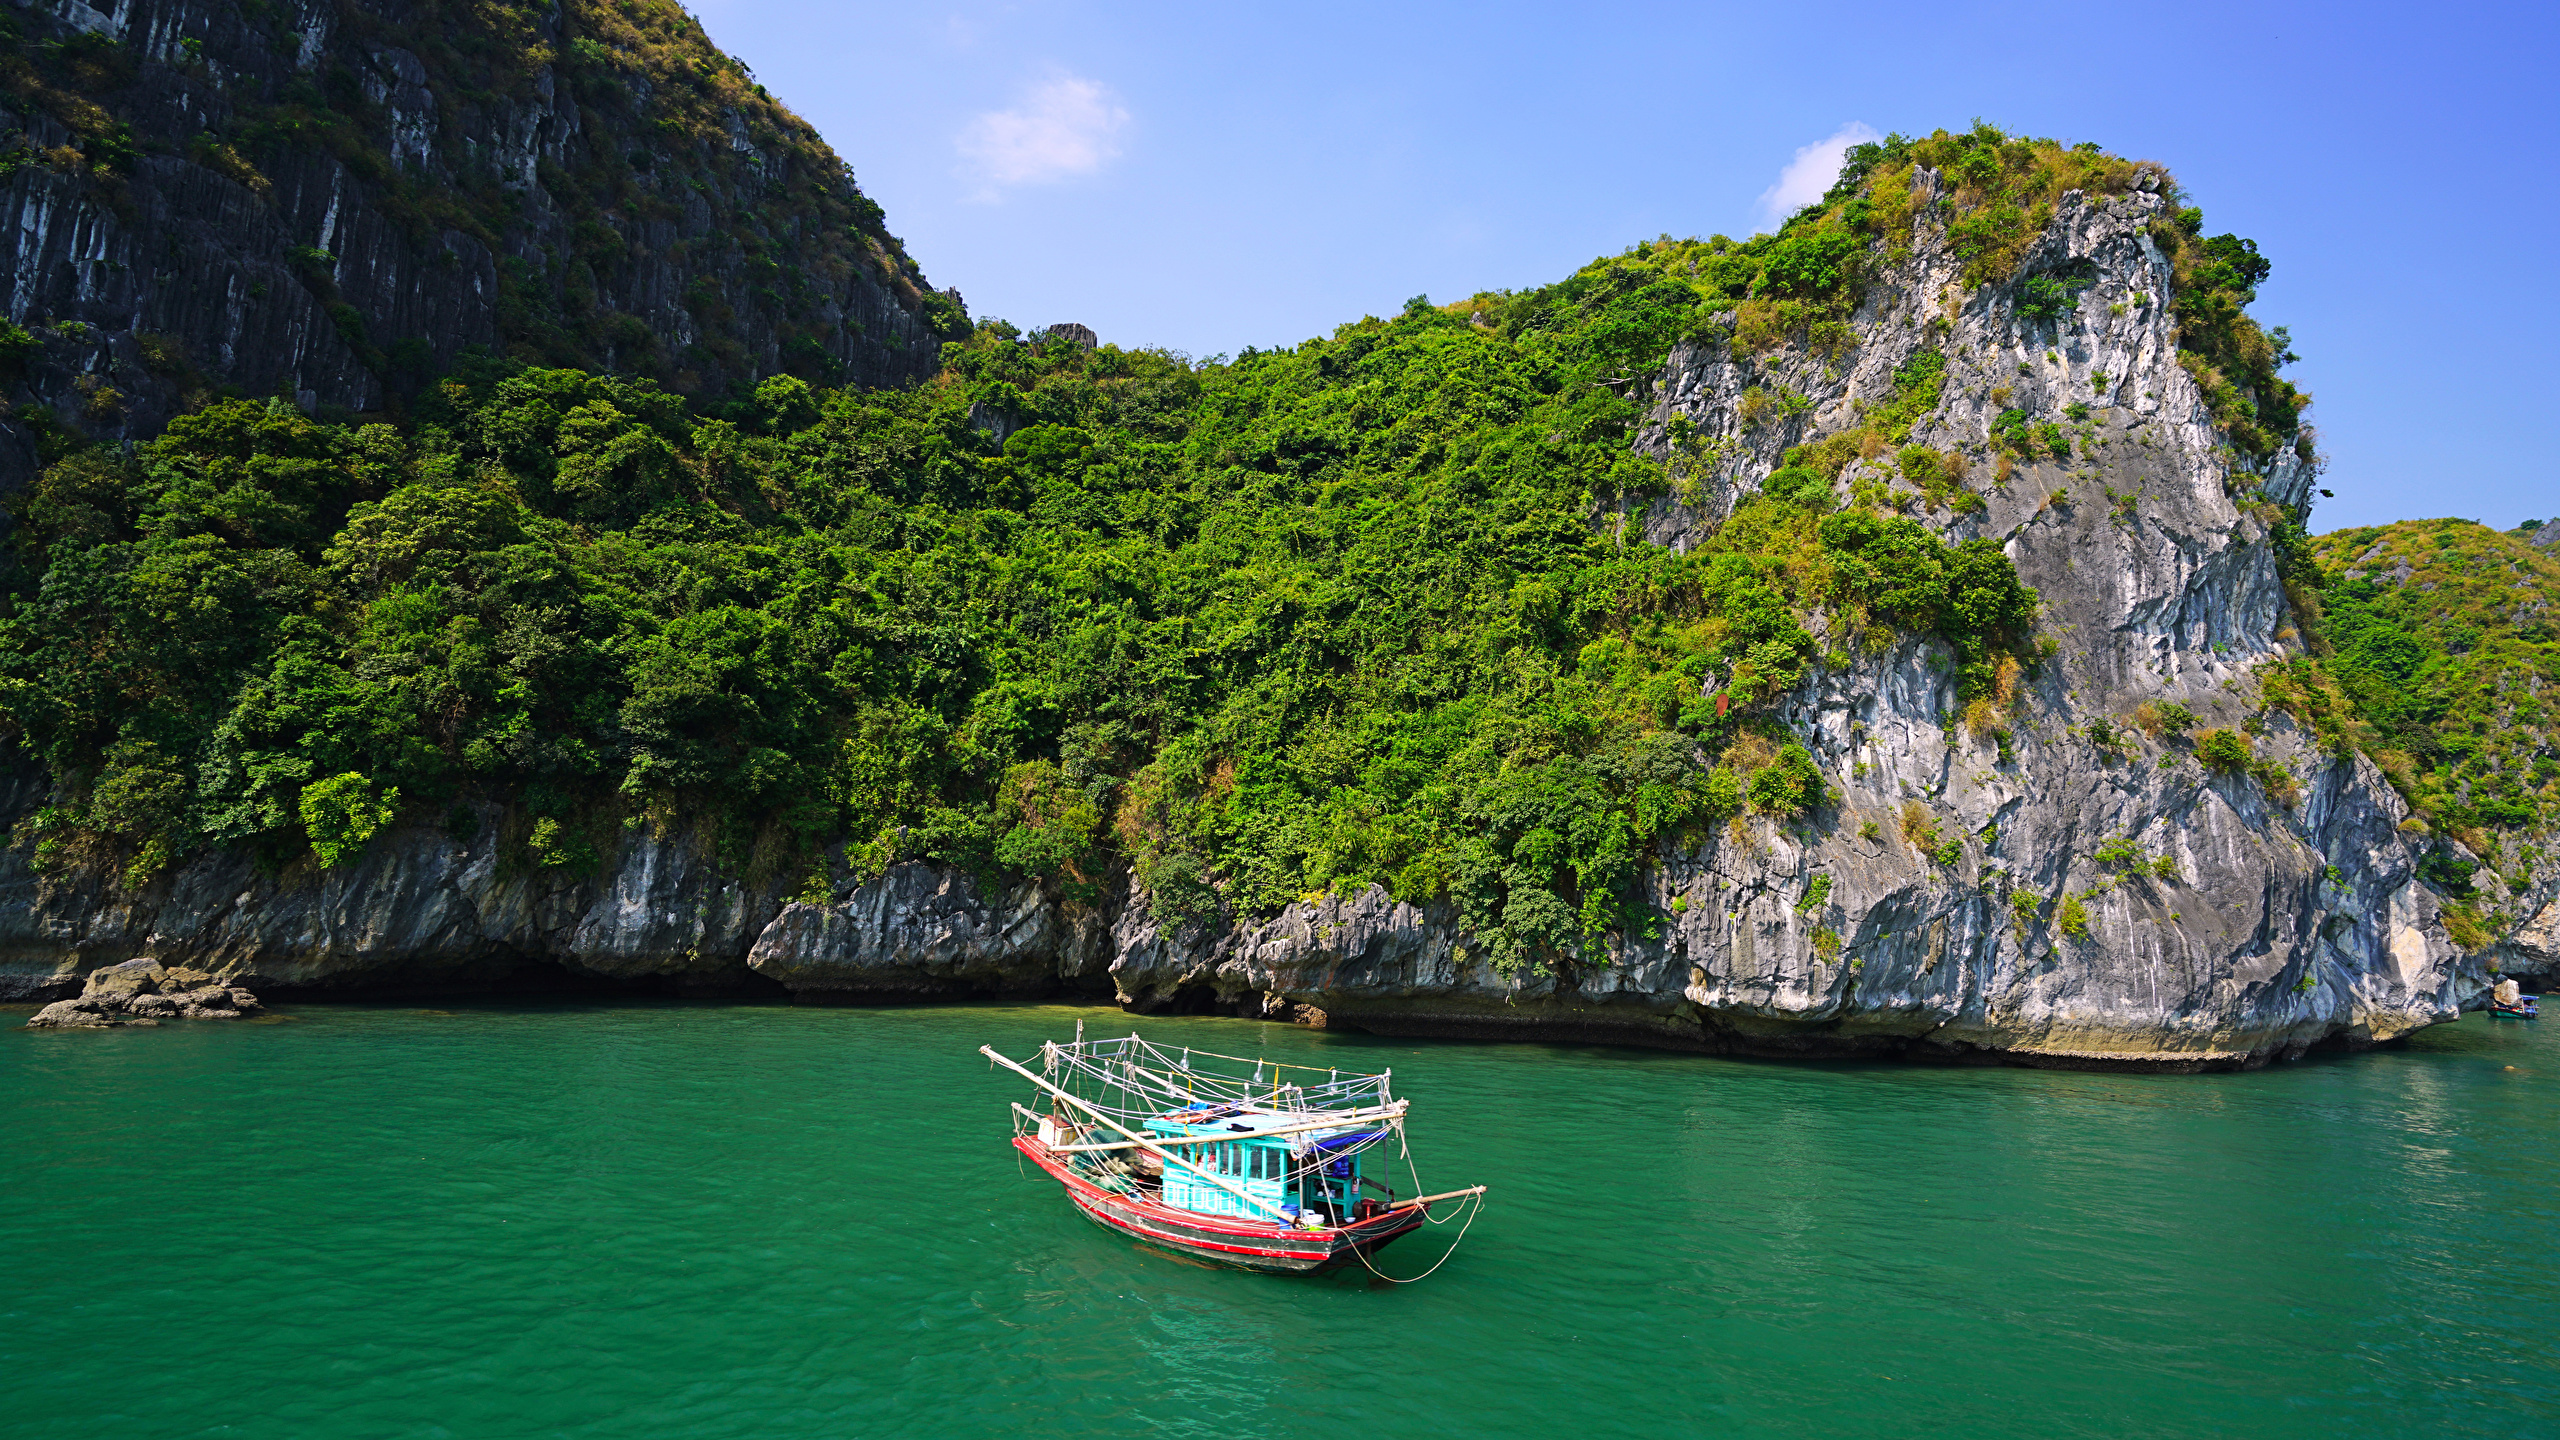 Картинка Вьетнам Lan Ha Bay скале Природа Корабли залива Катера 2560x1440 Утес скалы Скала Залив заливы